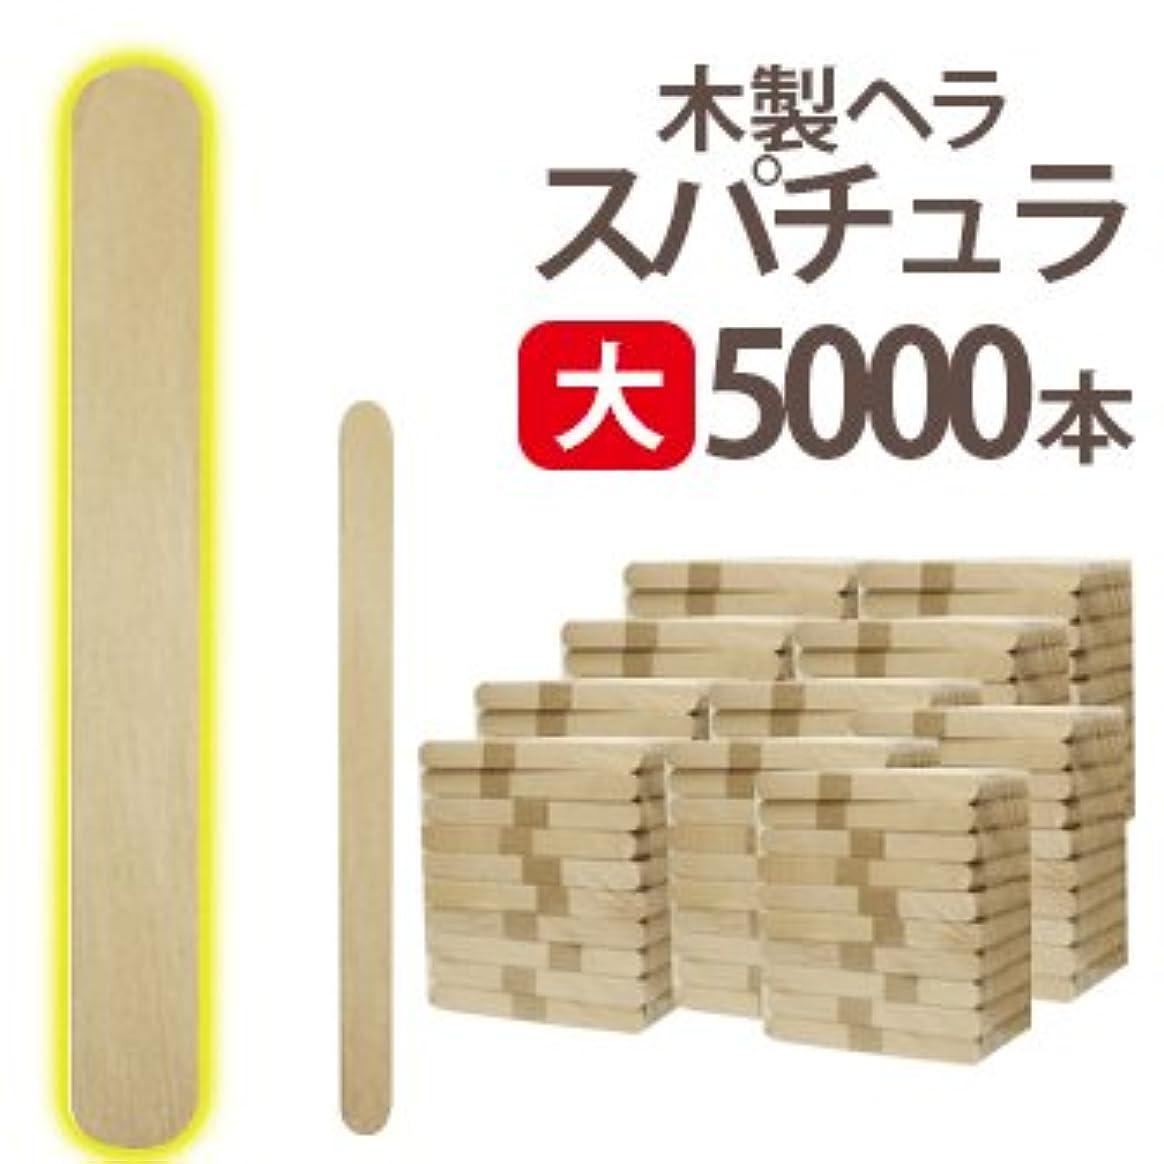 特徴髄解く大 ブラジリアンワックス 業務用5000本 スパチュラ Aタイプ(個別梱包なし 150×16)